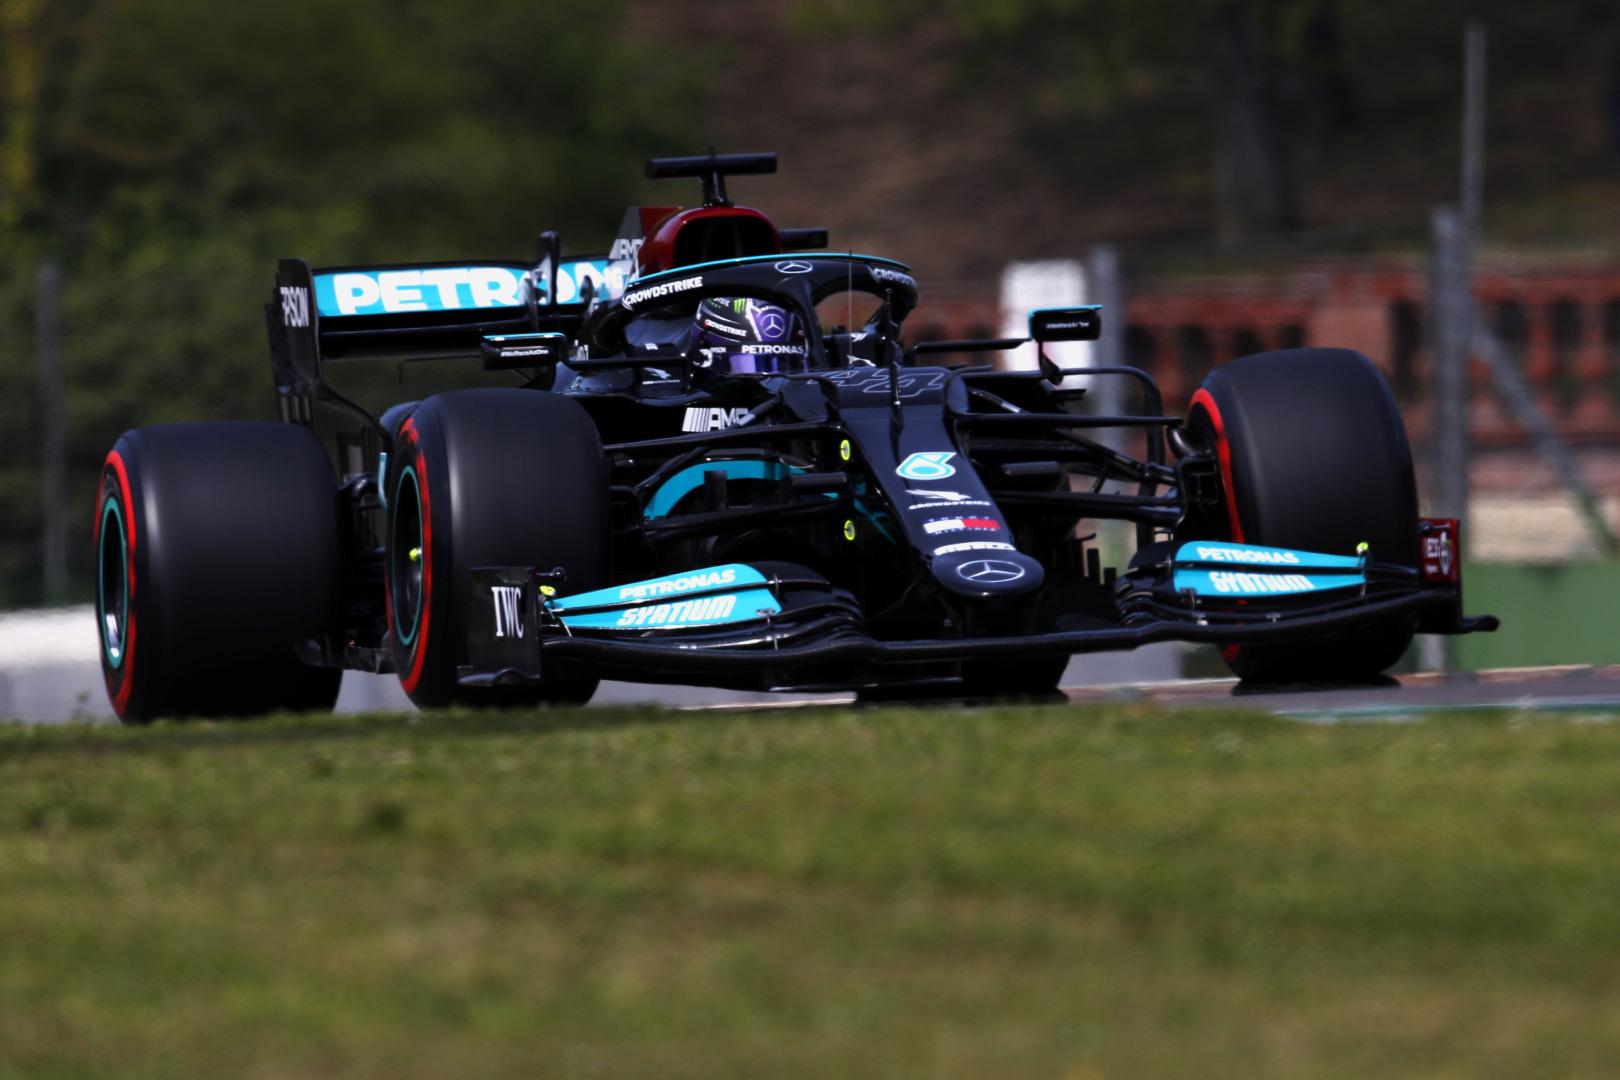 Portugalijos GP: penktadienio treniruotė Nr. 2